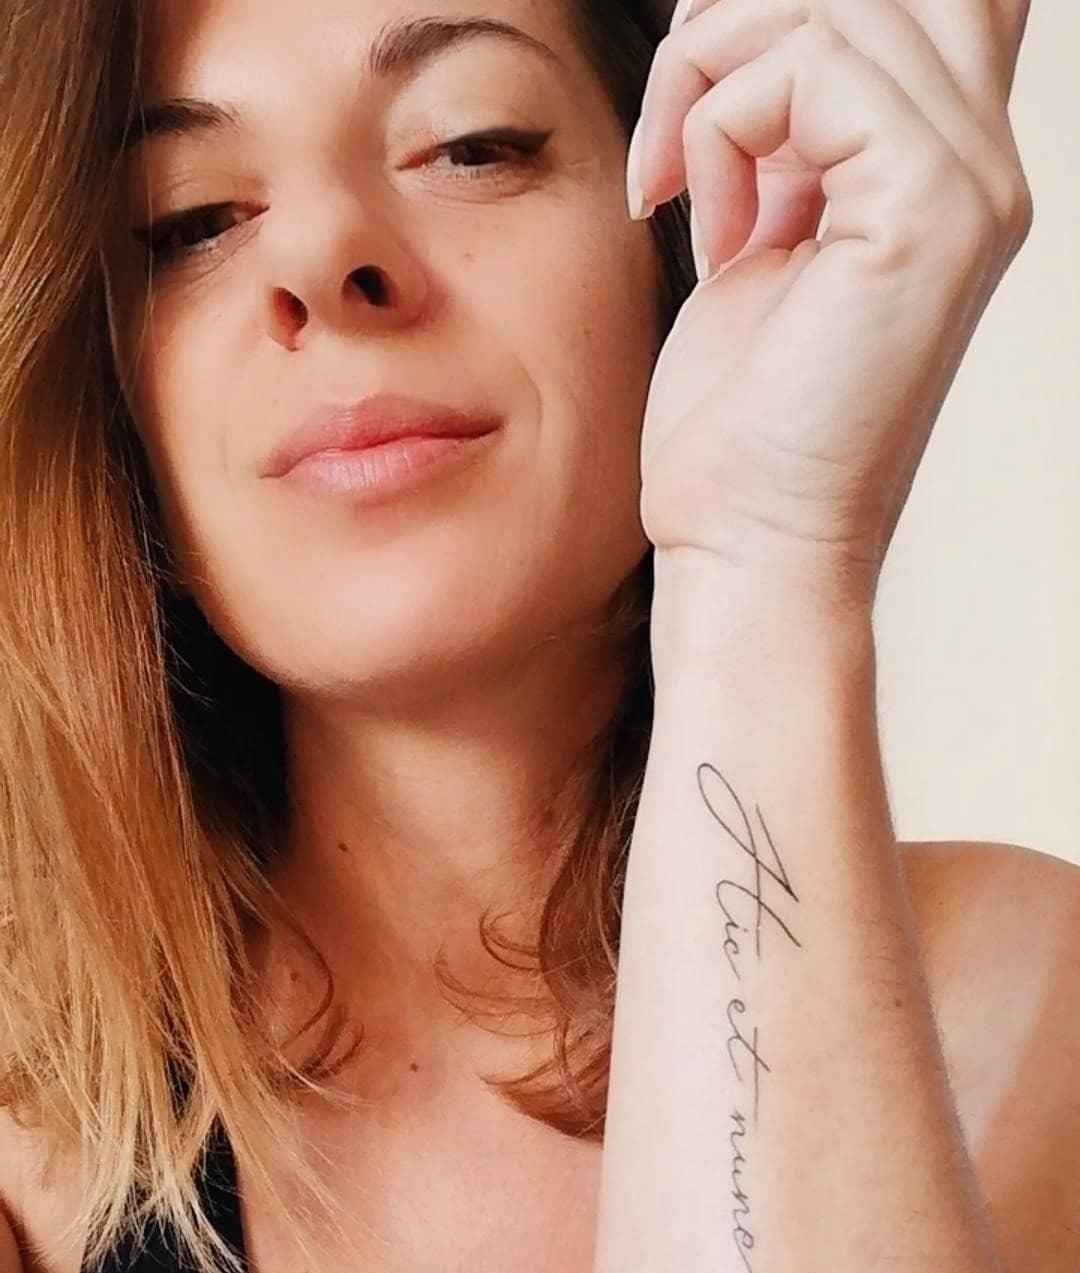 tatuaggio hic et nunc